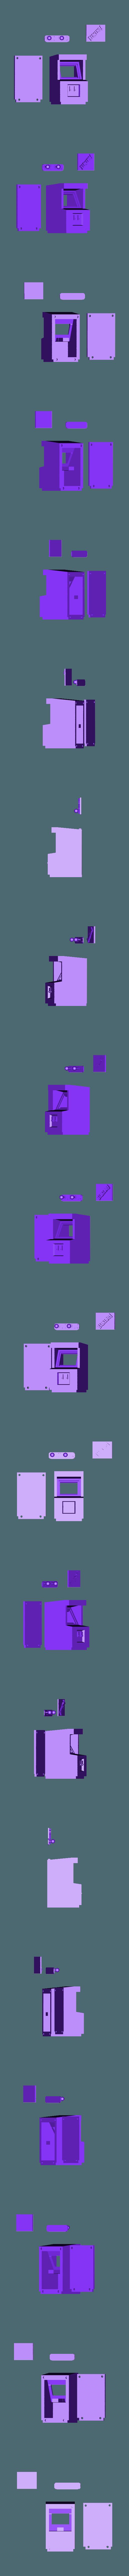 fortnite_retro_arcade_8.stl Télécharger fichier STL gratuit FORTNITE ARCARDE MINI LED . BATAILLE ROYALE • Design à imprimer en 3D, gaaraa